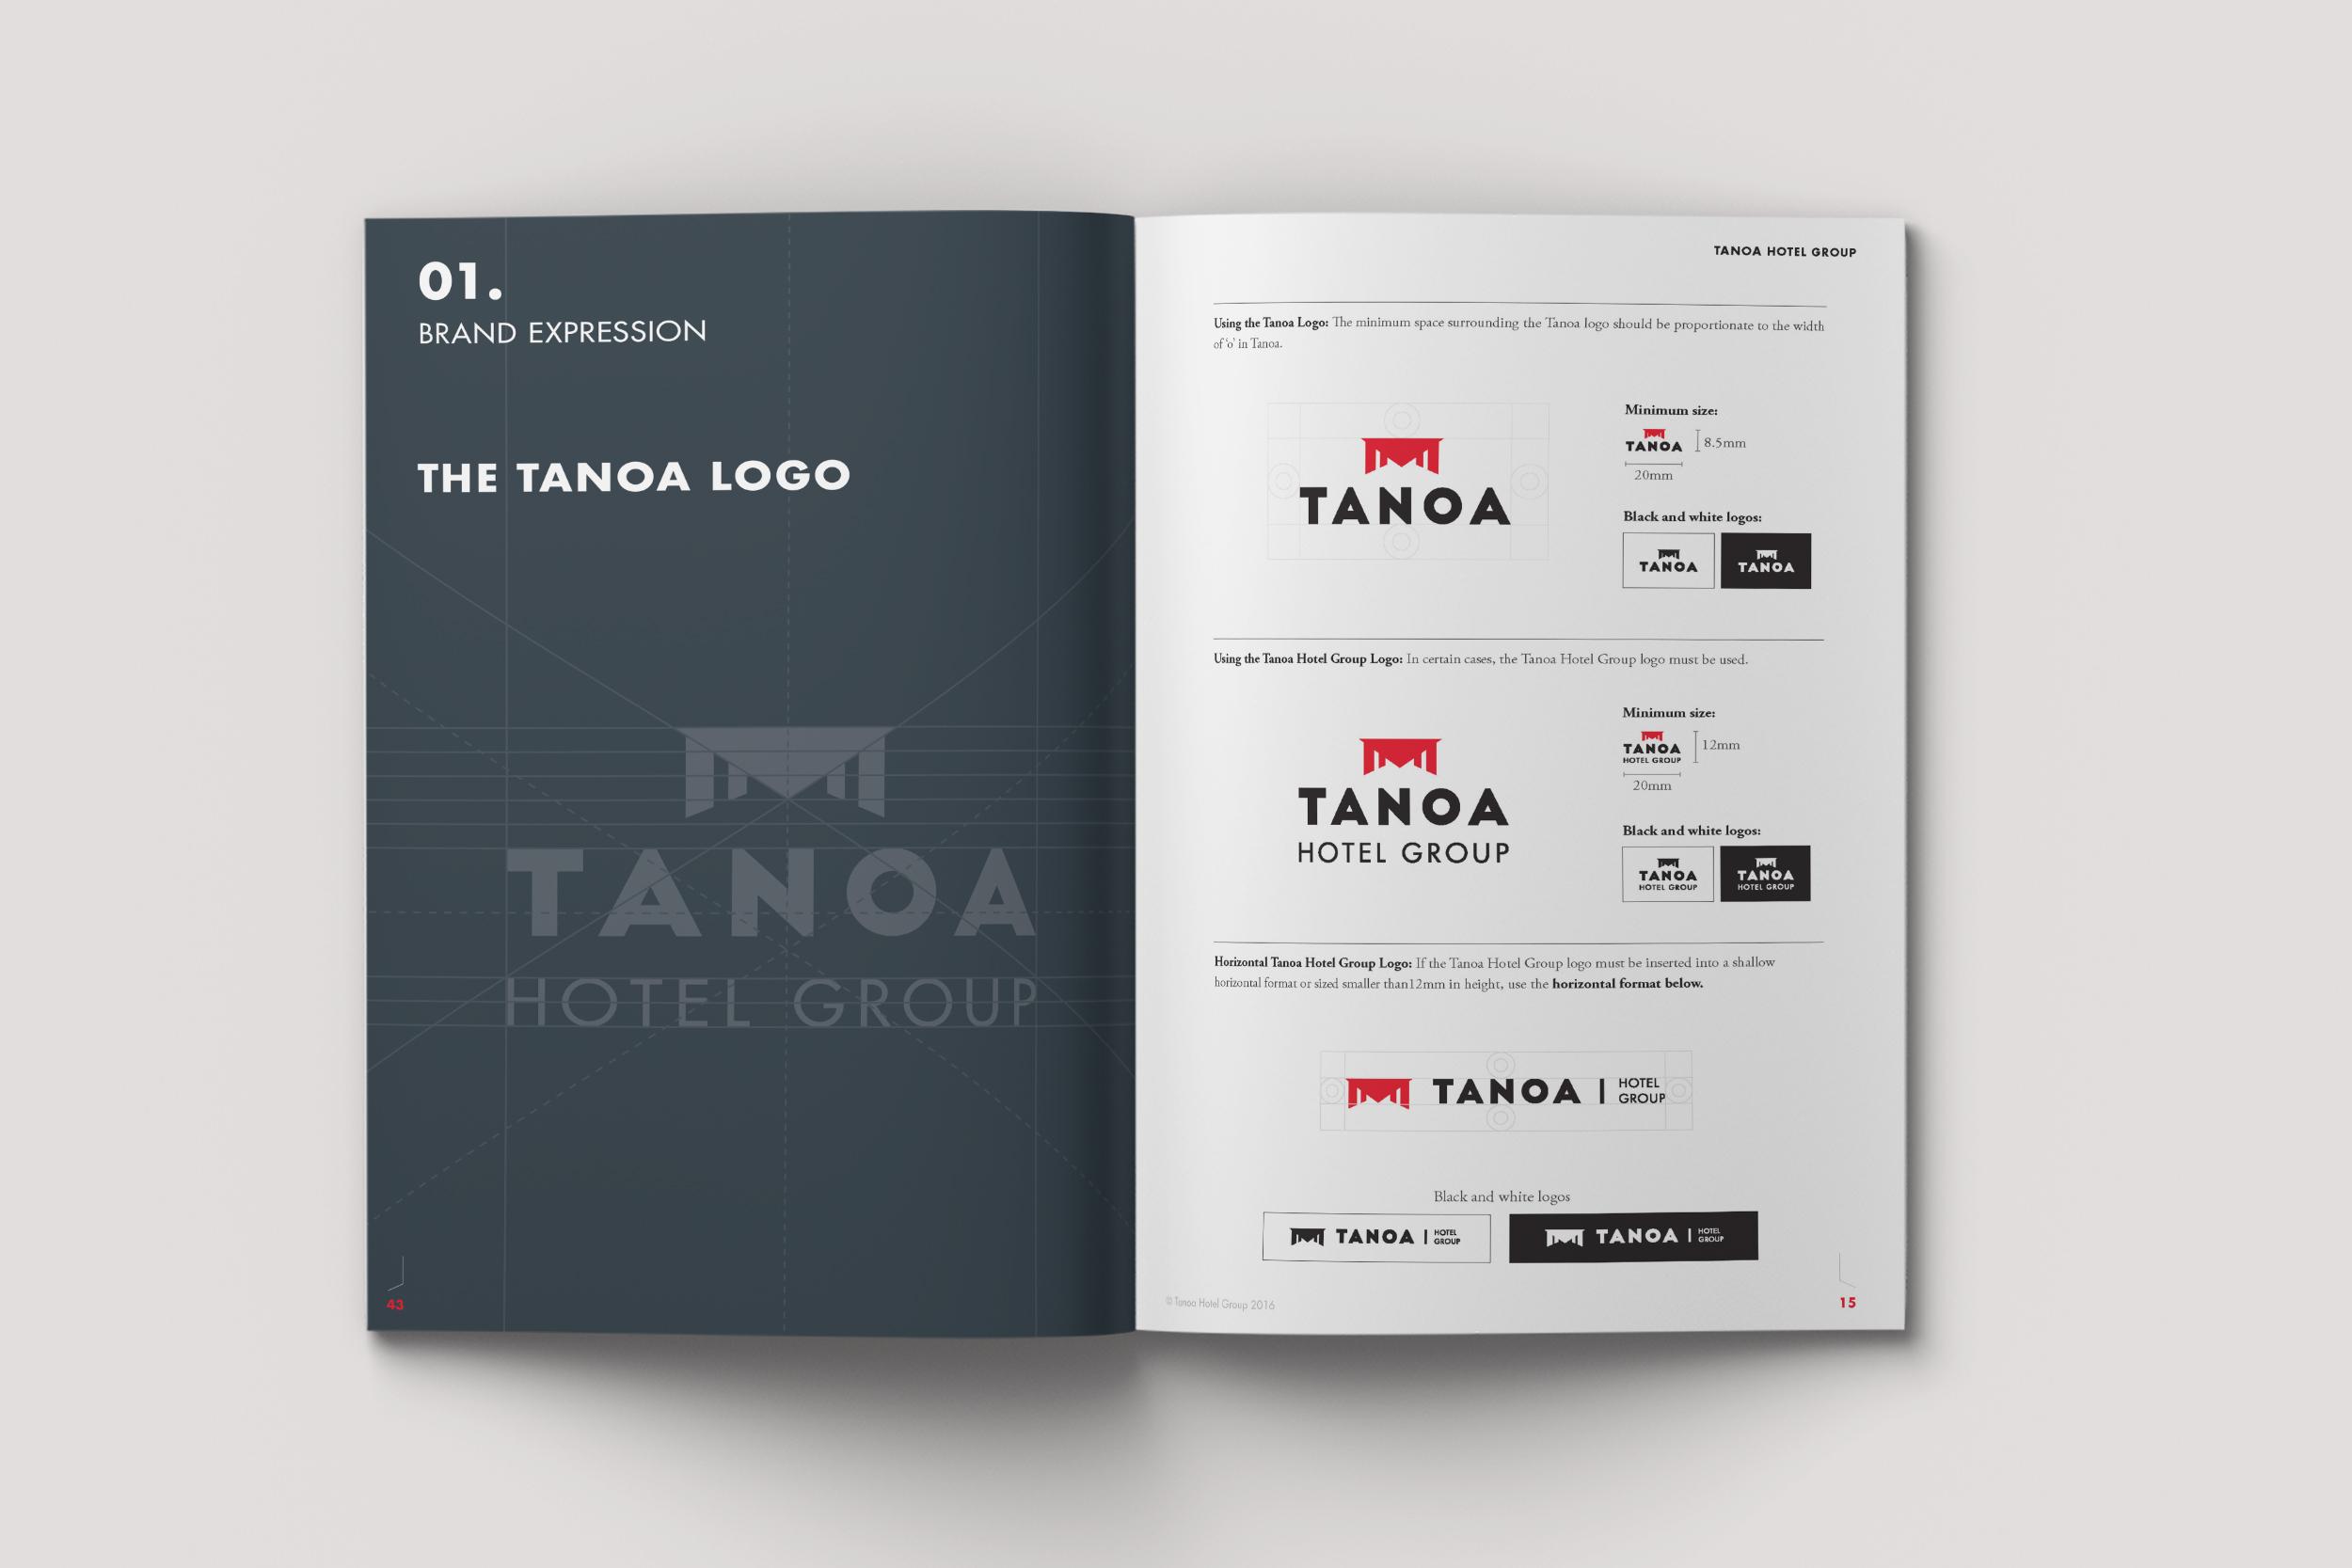 Tanoa-Spread-logo-2500×1667-1